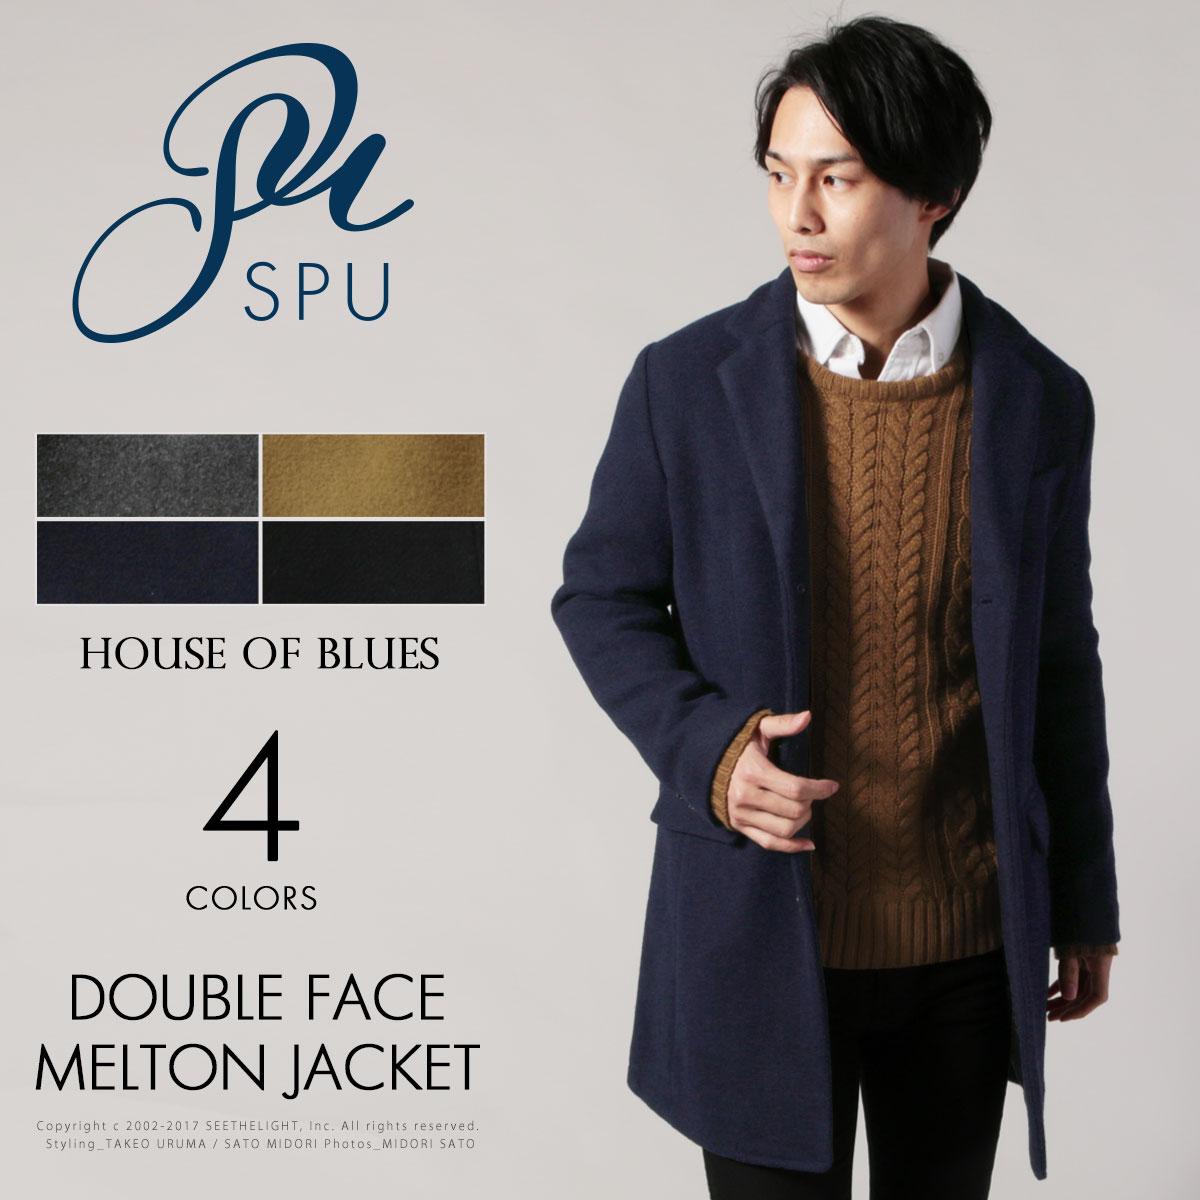 【セール対象】メンズ コート 秋 冬 ダブル フェイス ウール メルトン チェスター コート HOUSE OF BLUES ハウスオブブルース